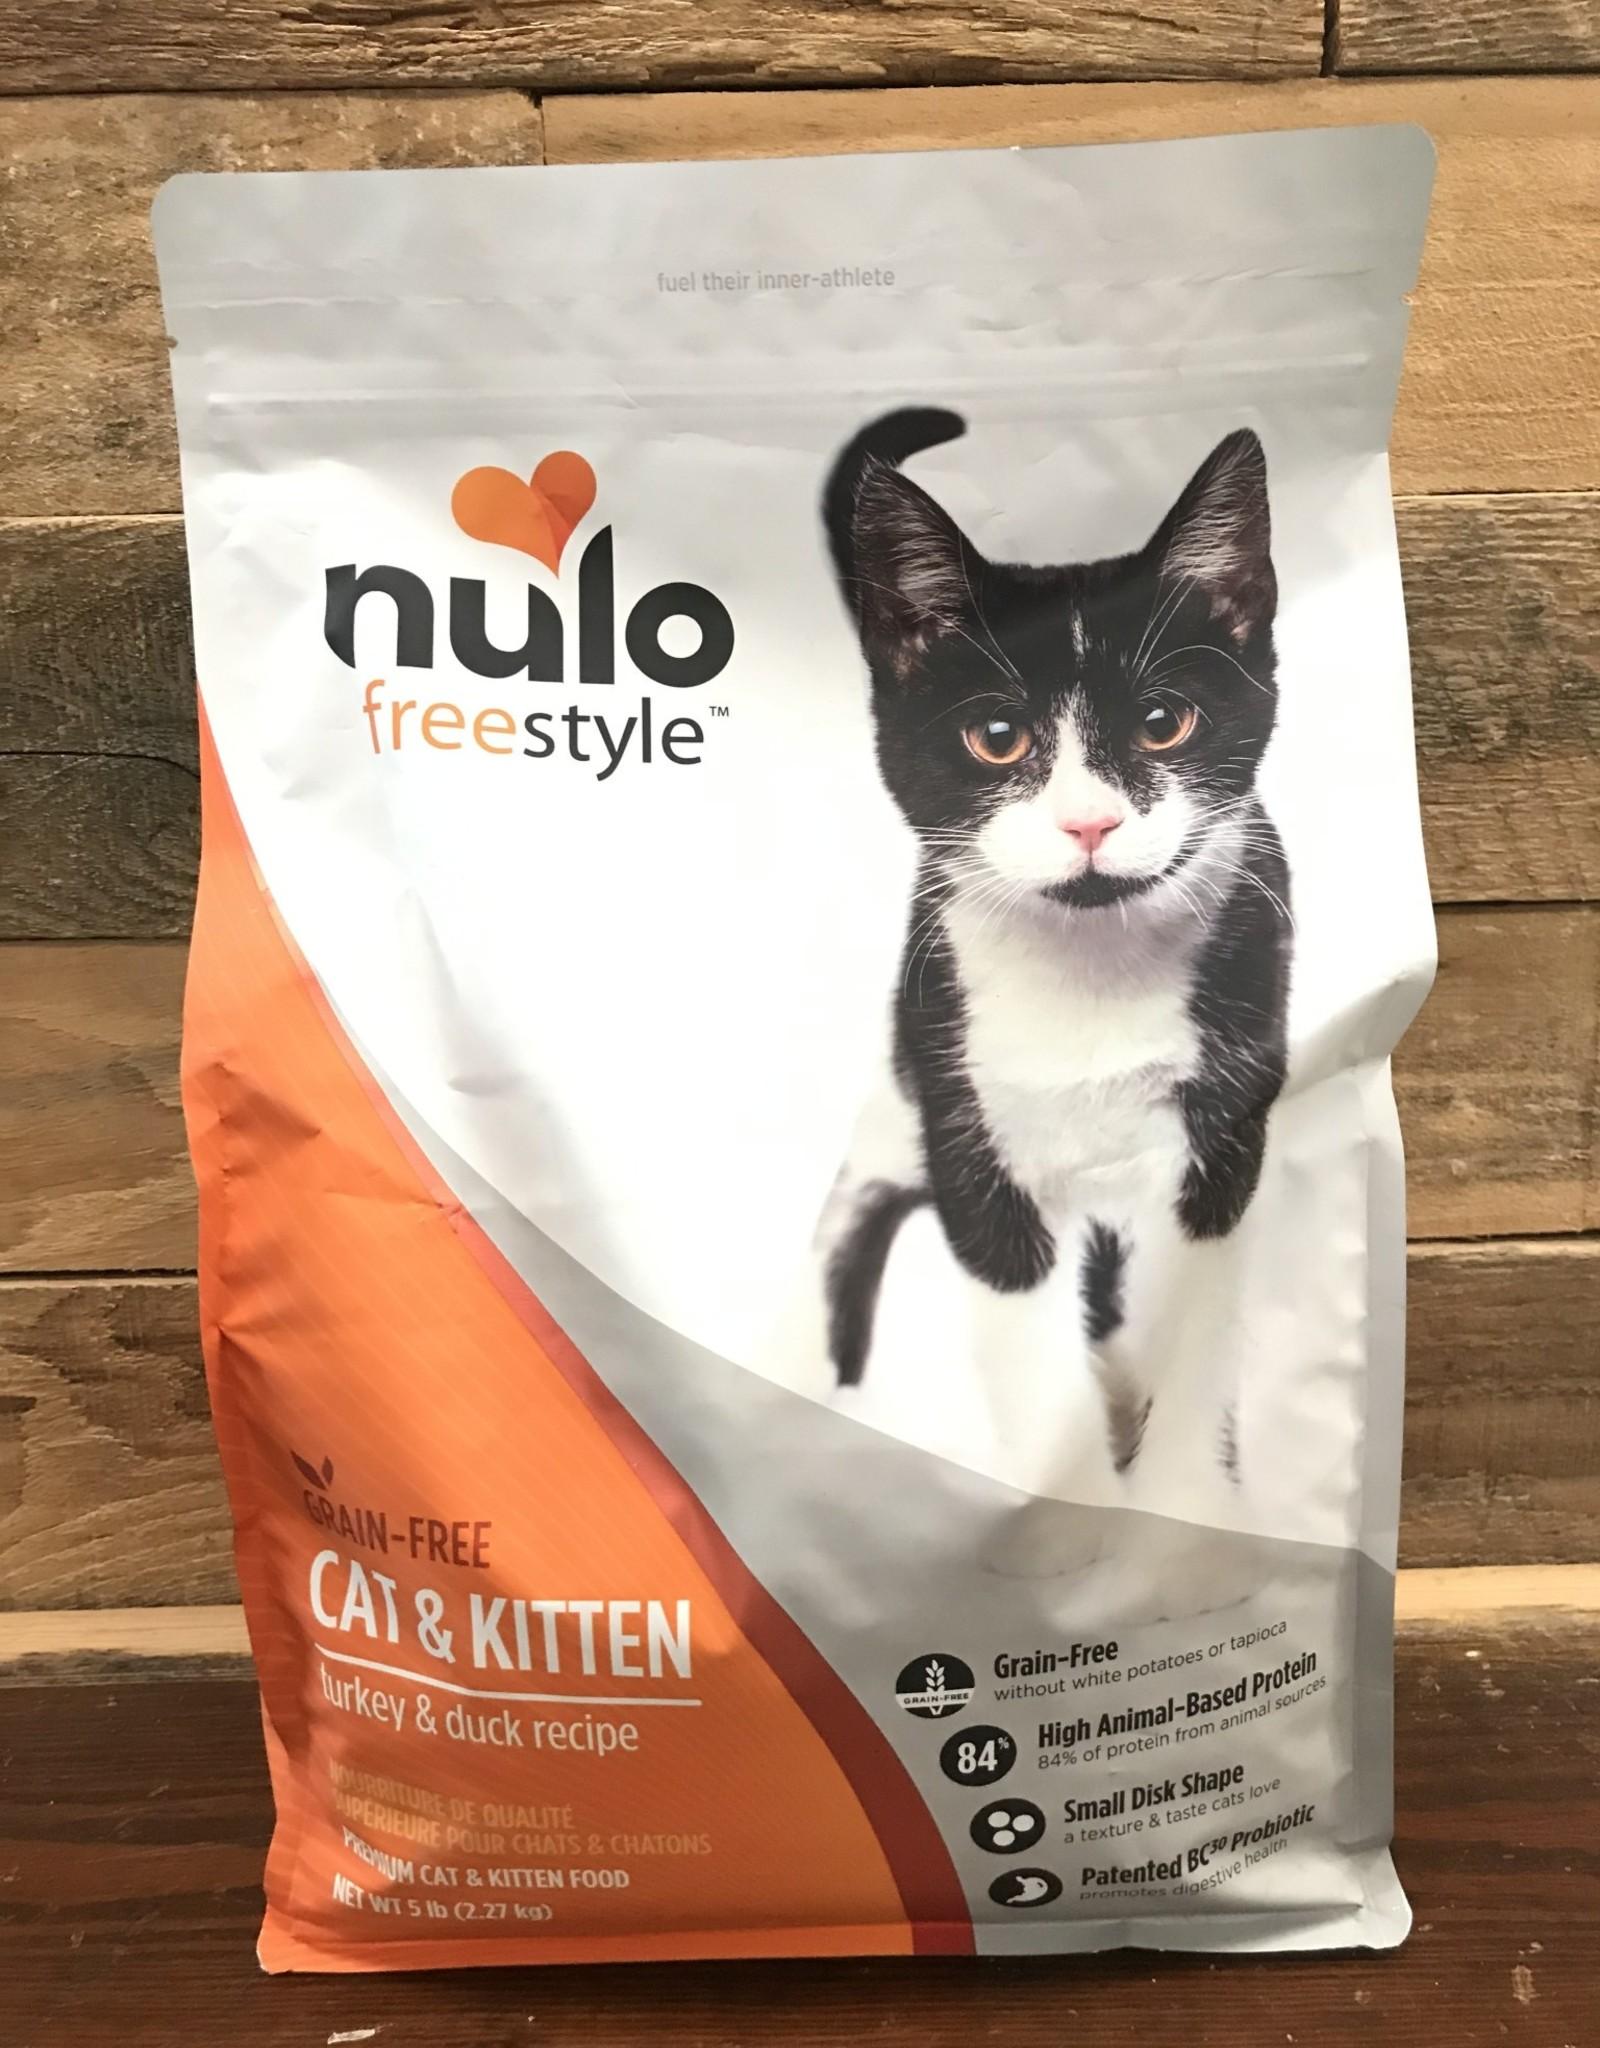 Nulo Nulo FreeStyle 5# Grain Free Cat & Kitten Turkey & Duck